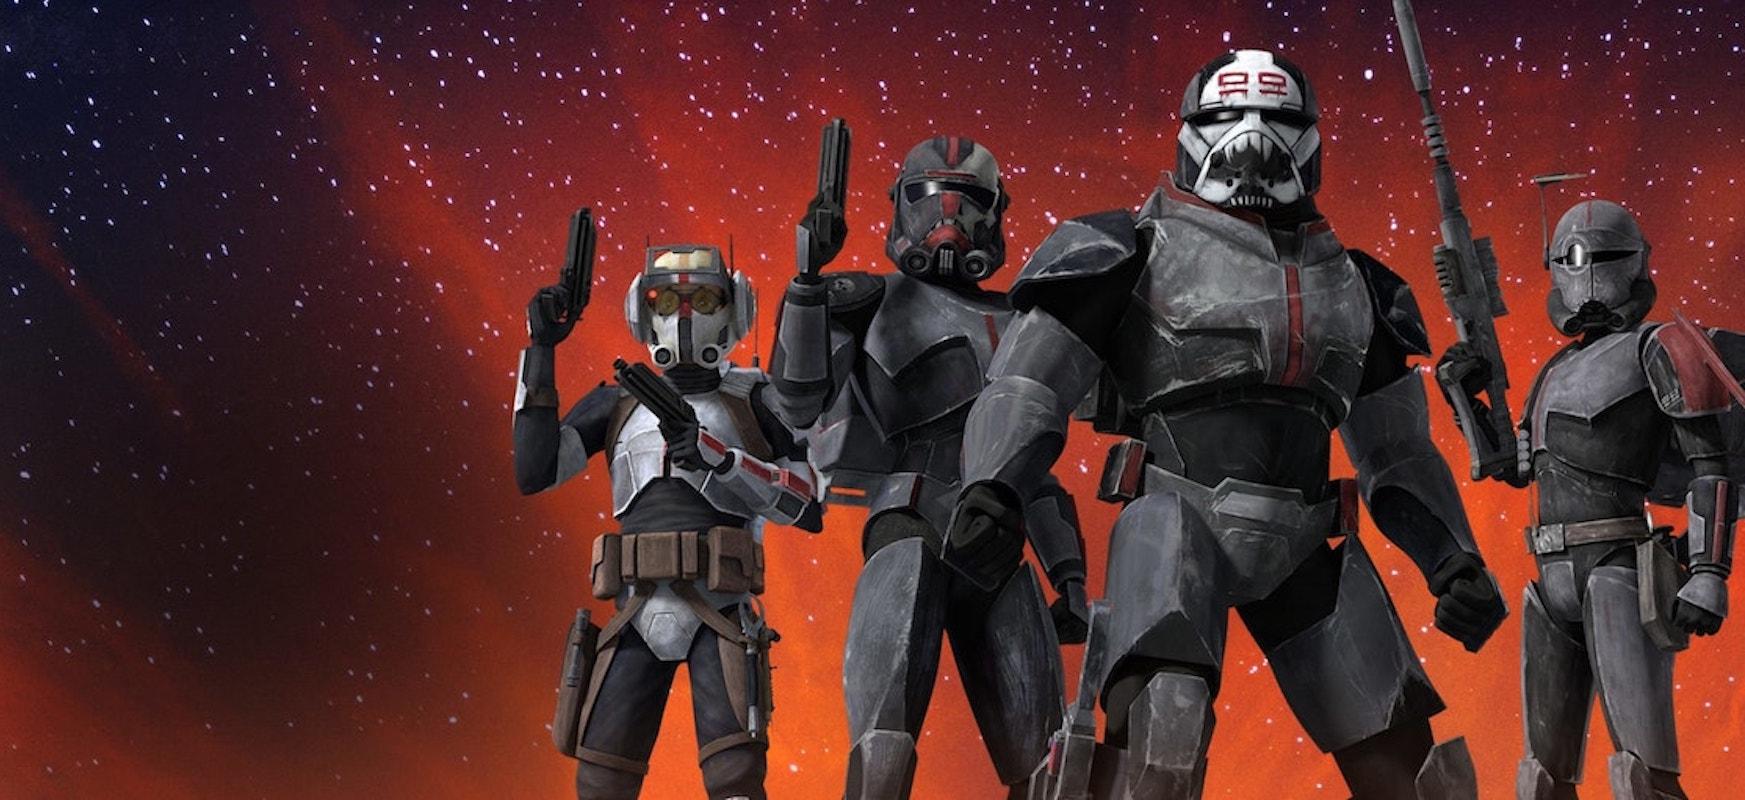 star wars bad batch wojny klonow spin-off the clone wars gwiezdne wojny